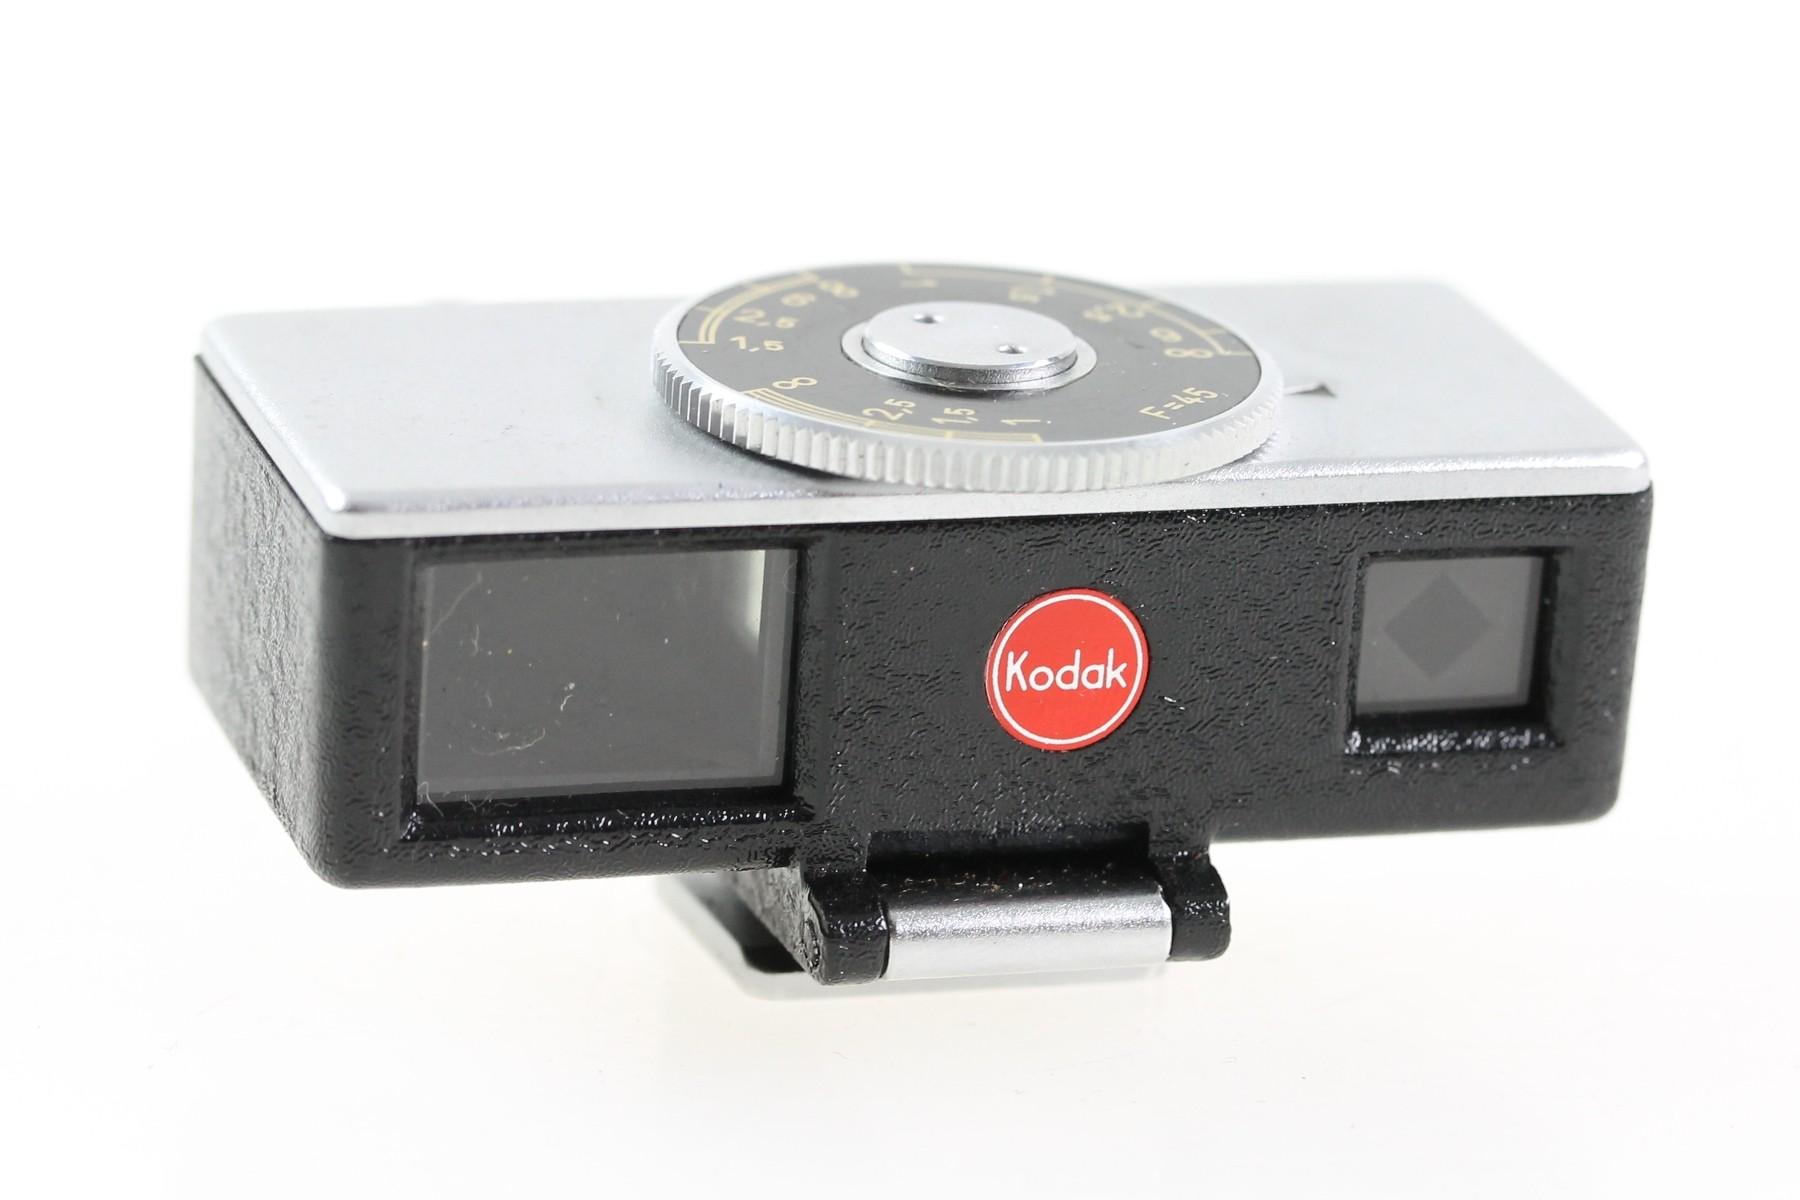 Kodak entfernungsmesser kodak entfernungsmesser für blitzschuh